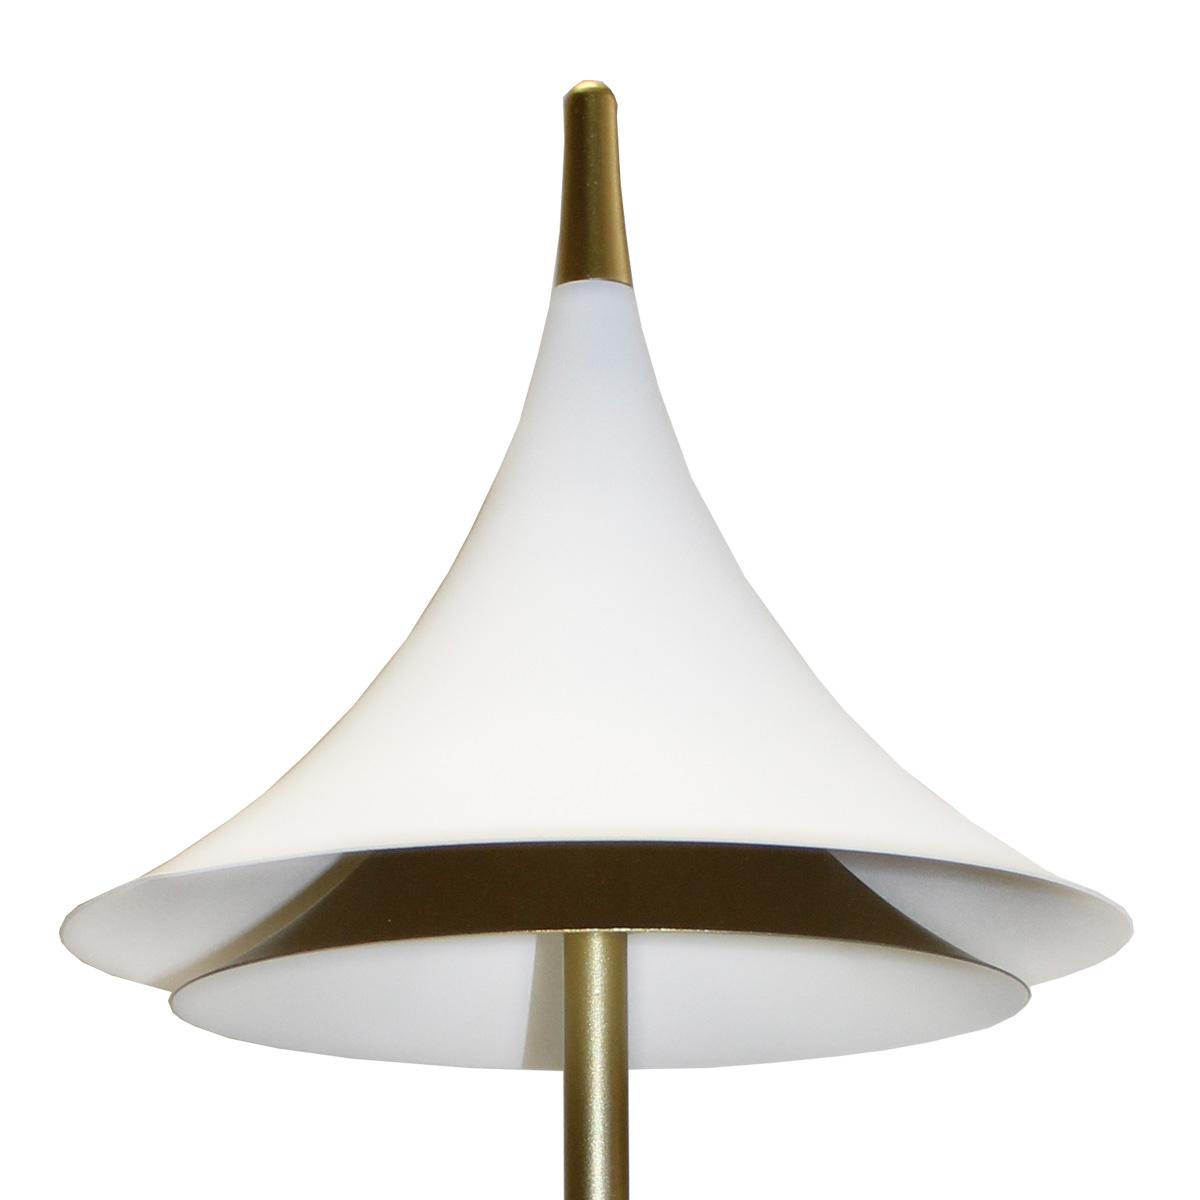 LED stona lampa White 1.0036-SL1